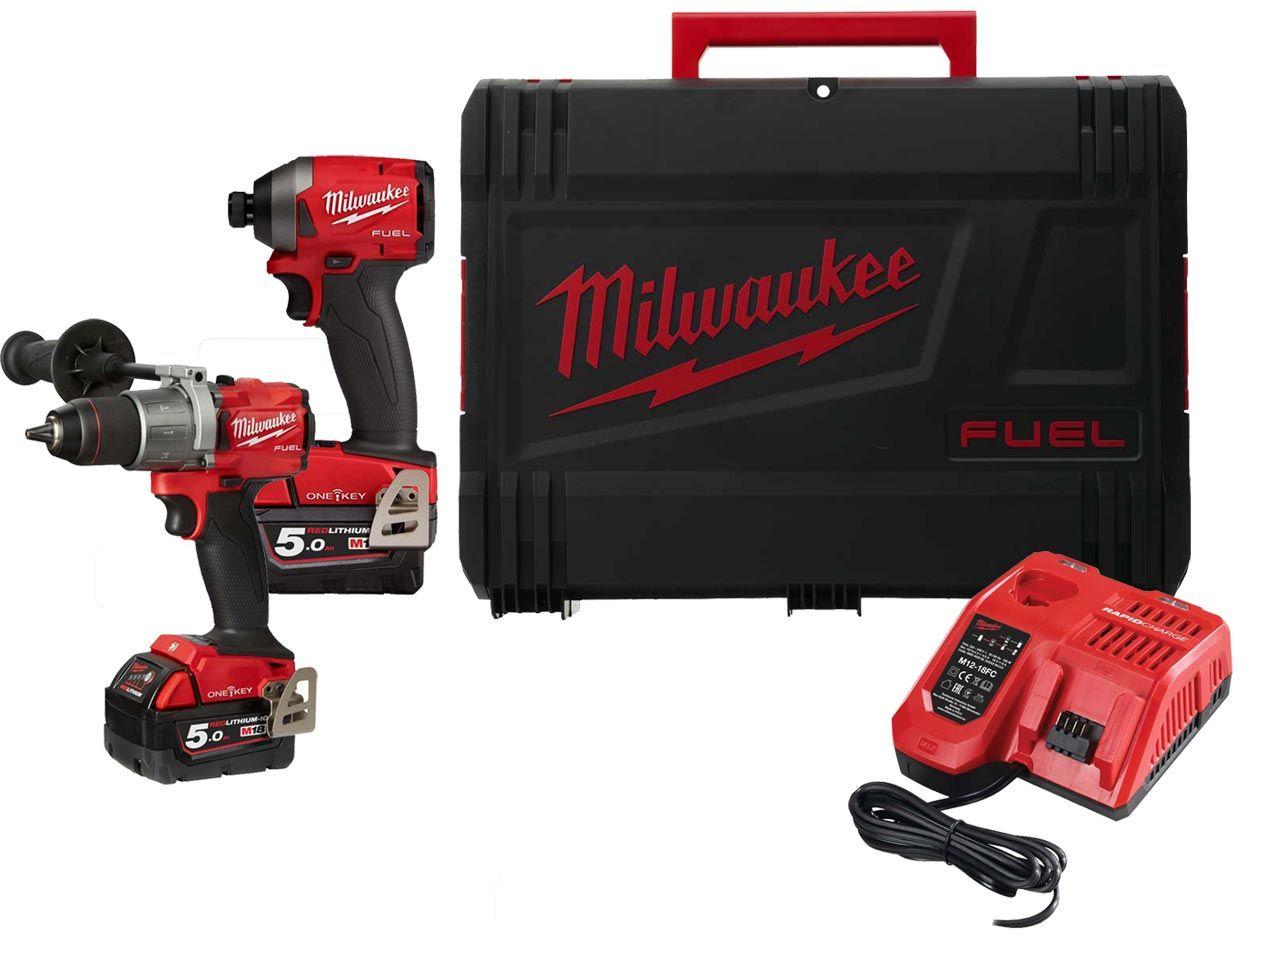 Milwaukee M18ONEPP2A2-502X 18V 2x5.0Ah Li-ion Fuel One-Key Twin Pack - £369 @ FFX